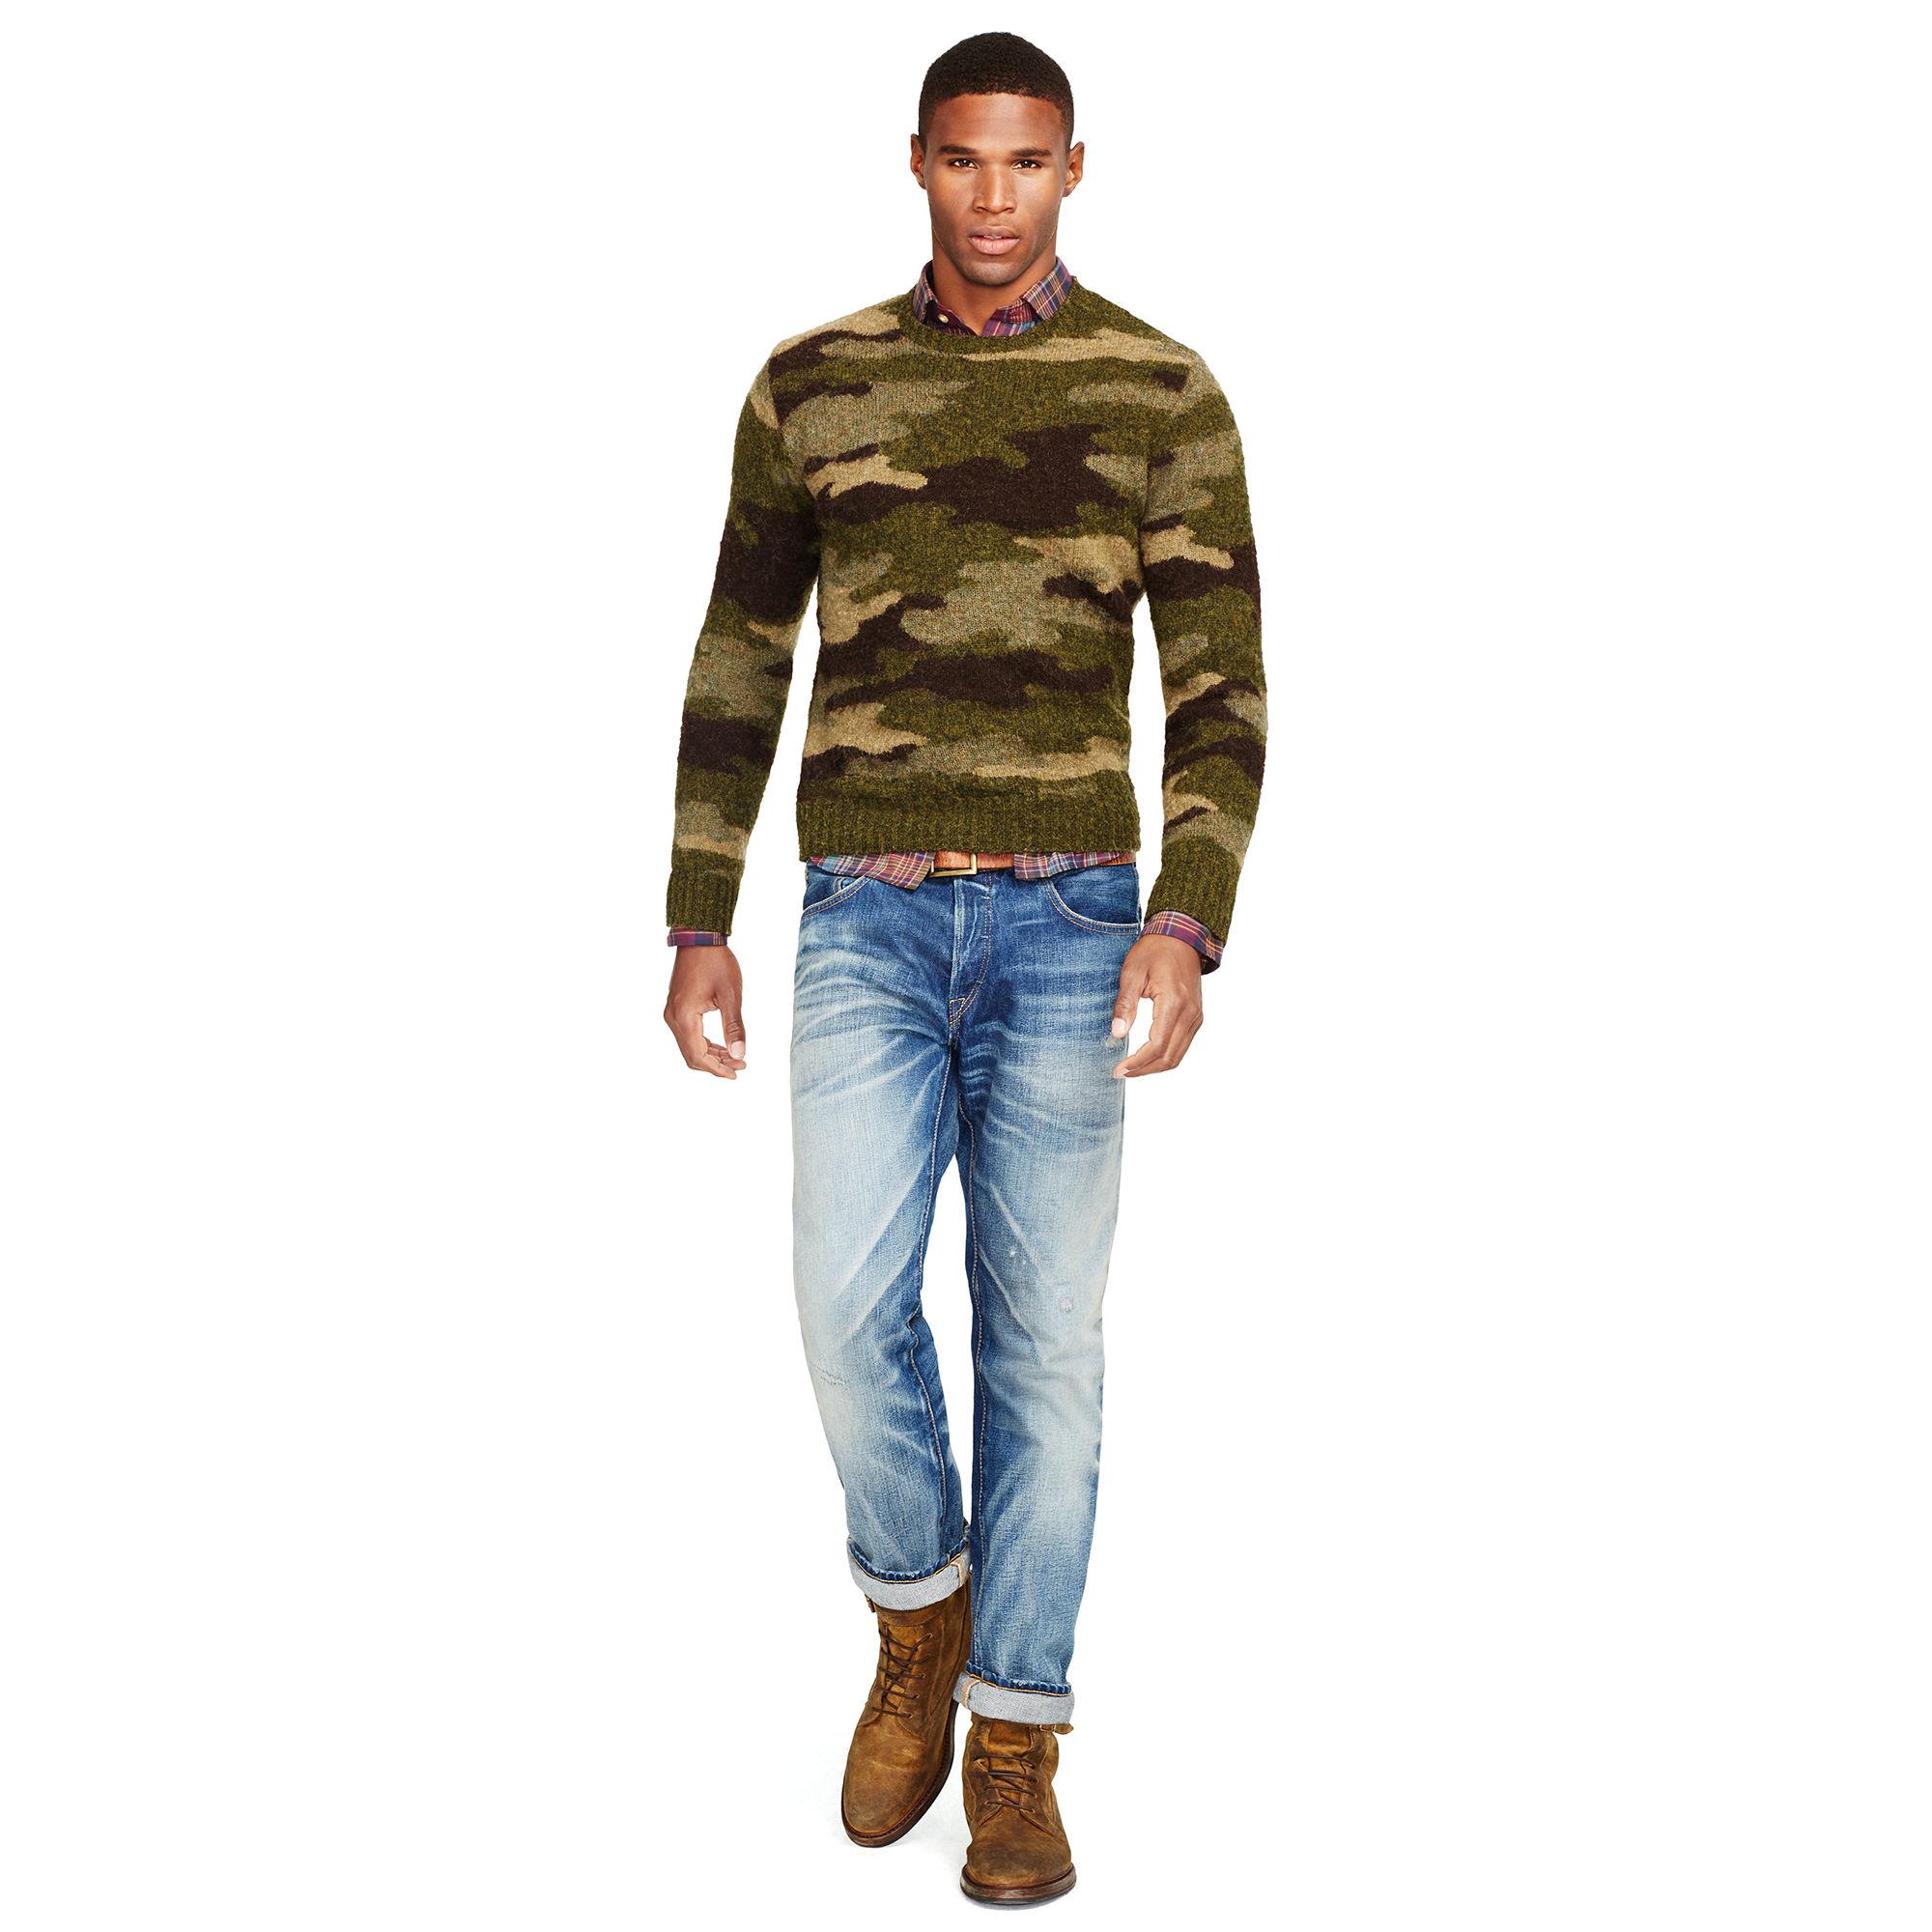 Wool Polo Green For Camo Sweater Lauren Crewneck Men Ralph u1lFK35JcT